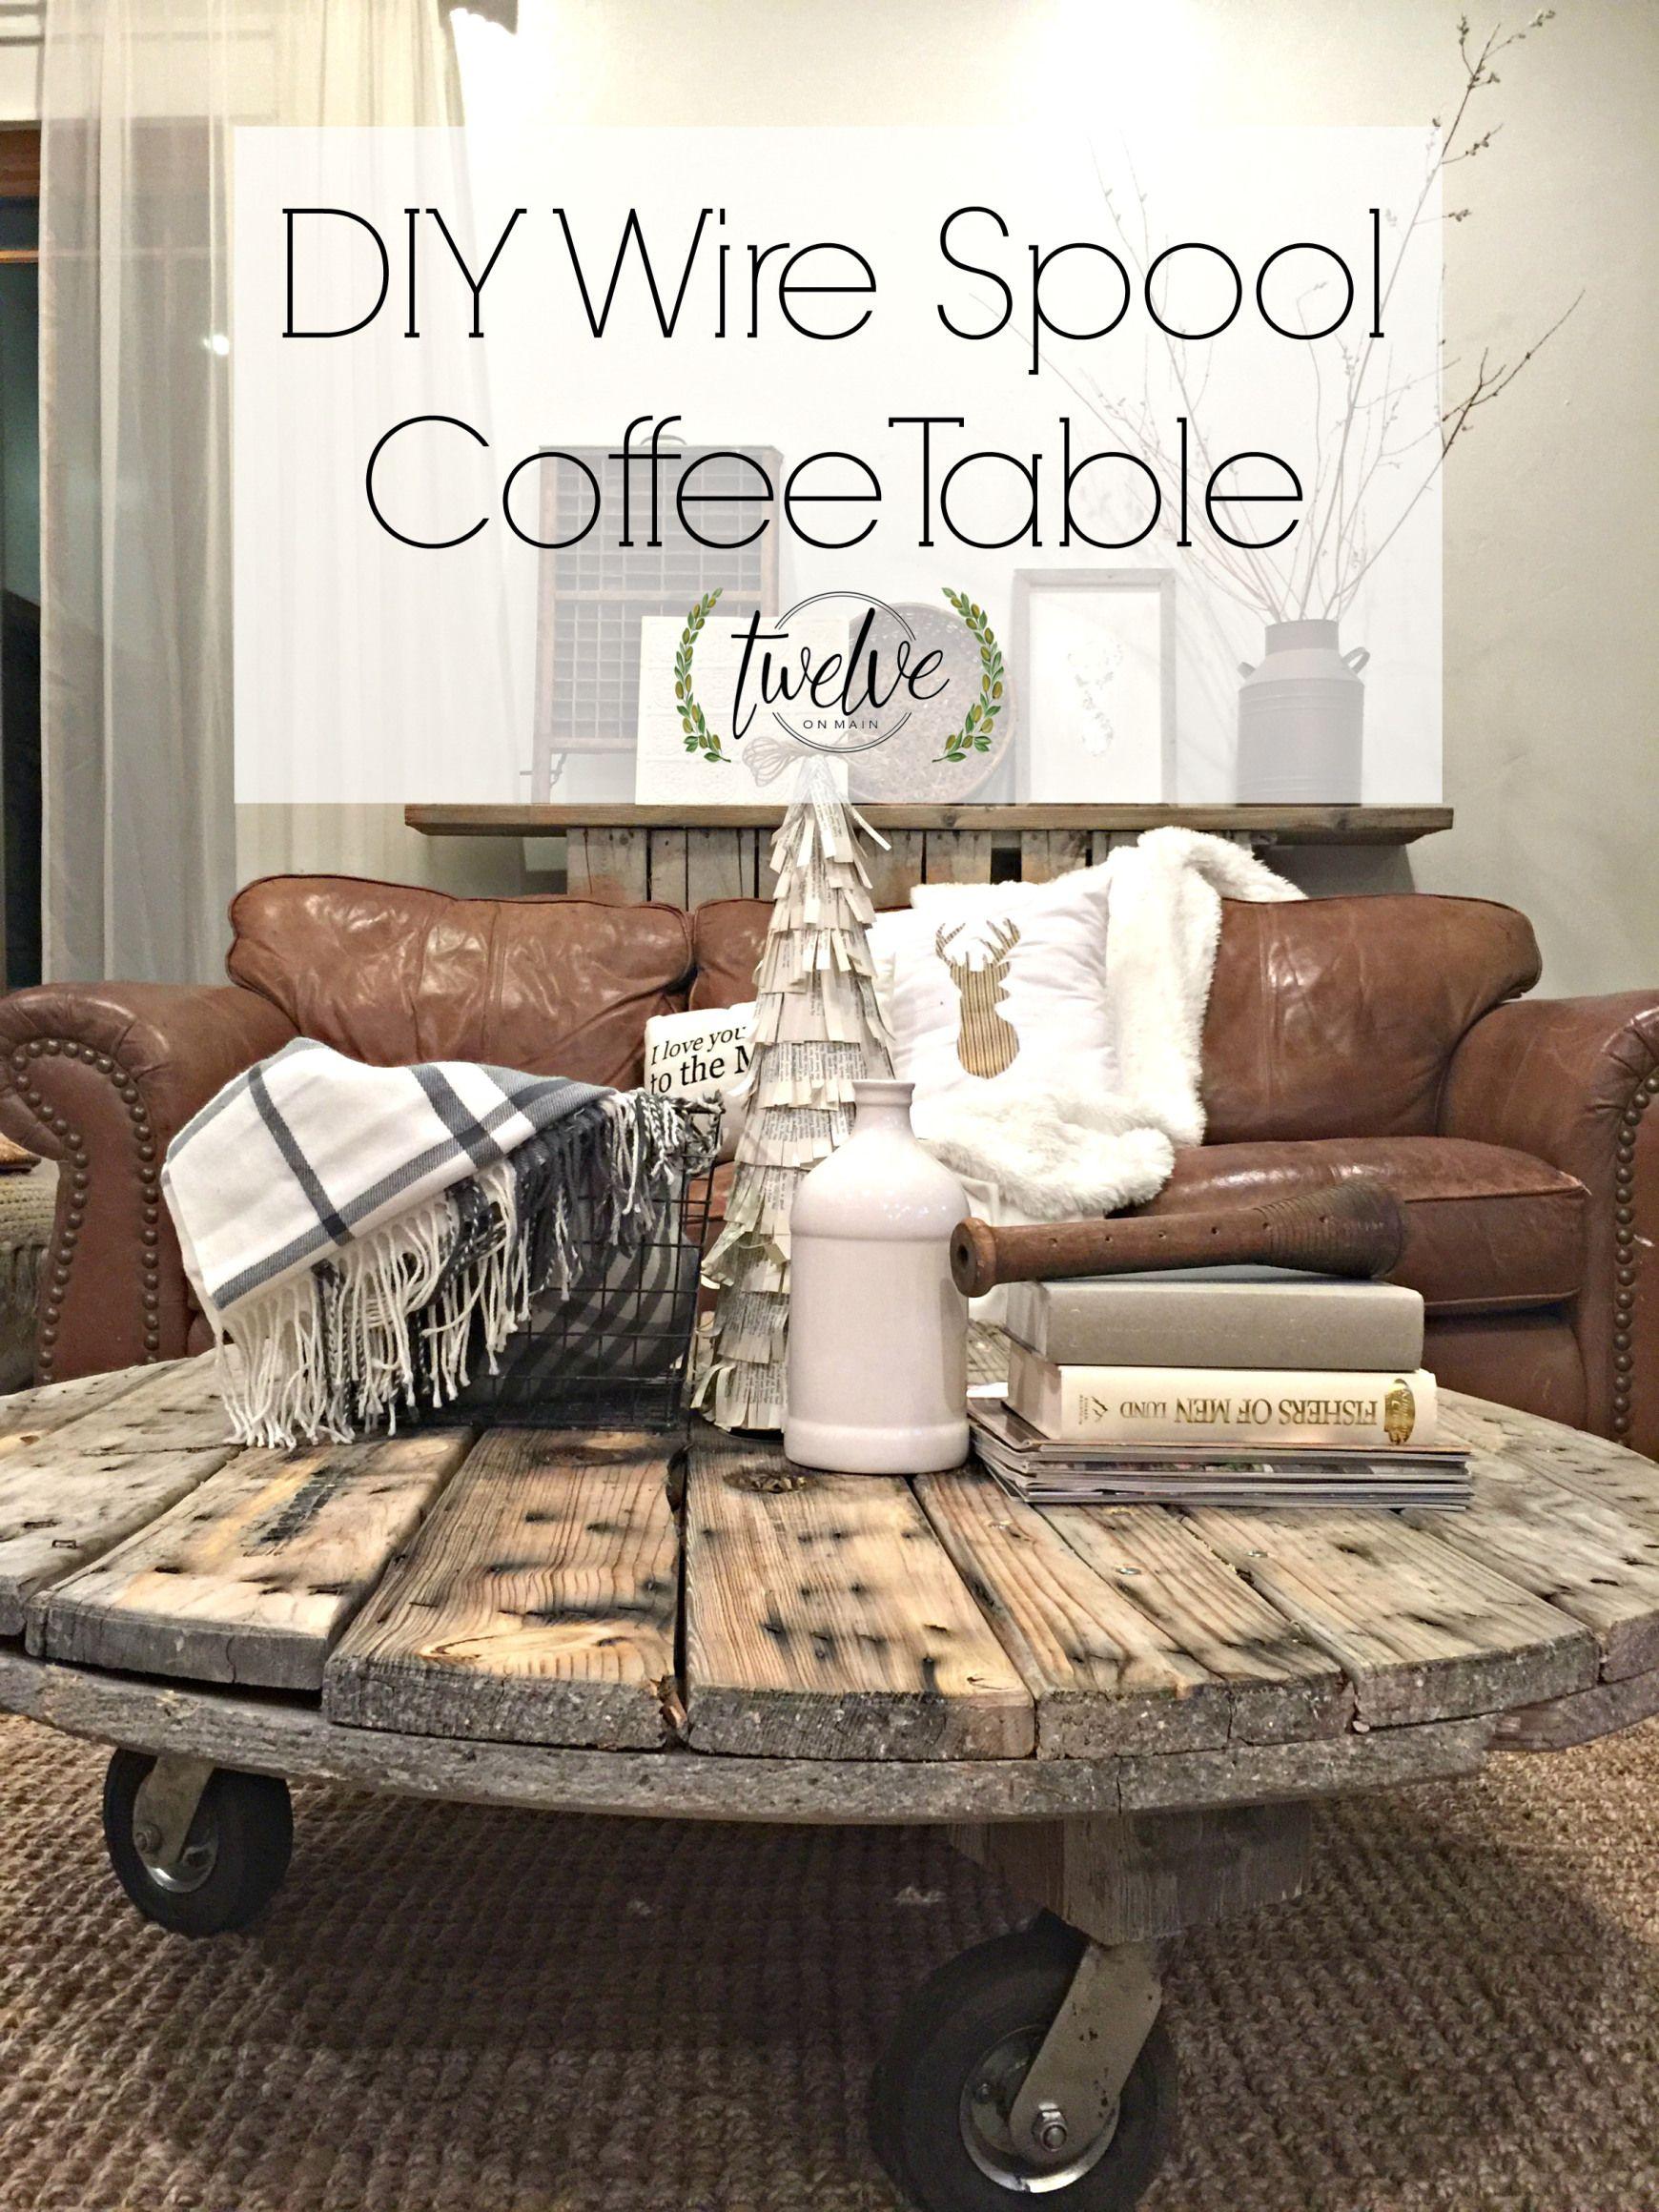 Arredamento Rustico Casa diy wire spool coffee table | idee per decorare la casa